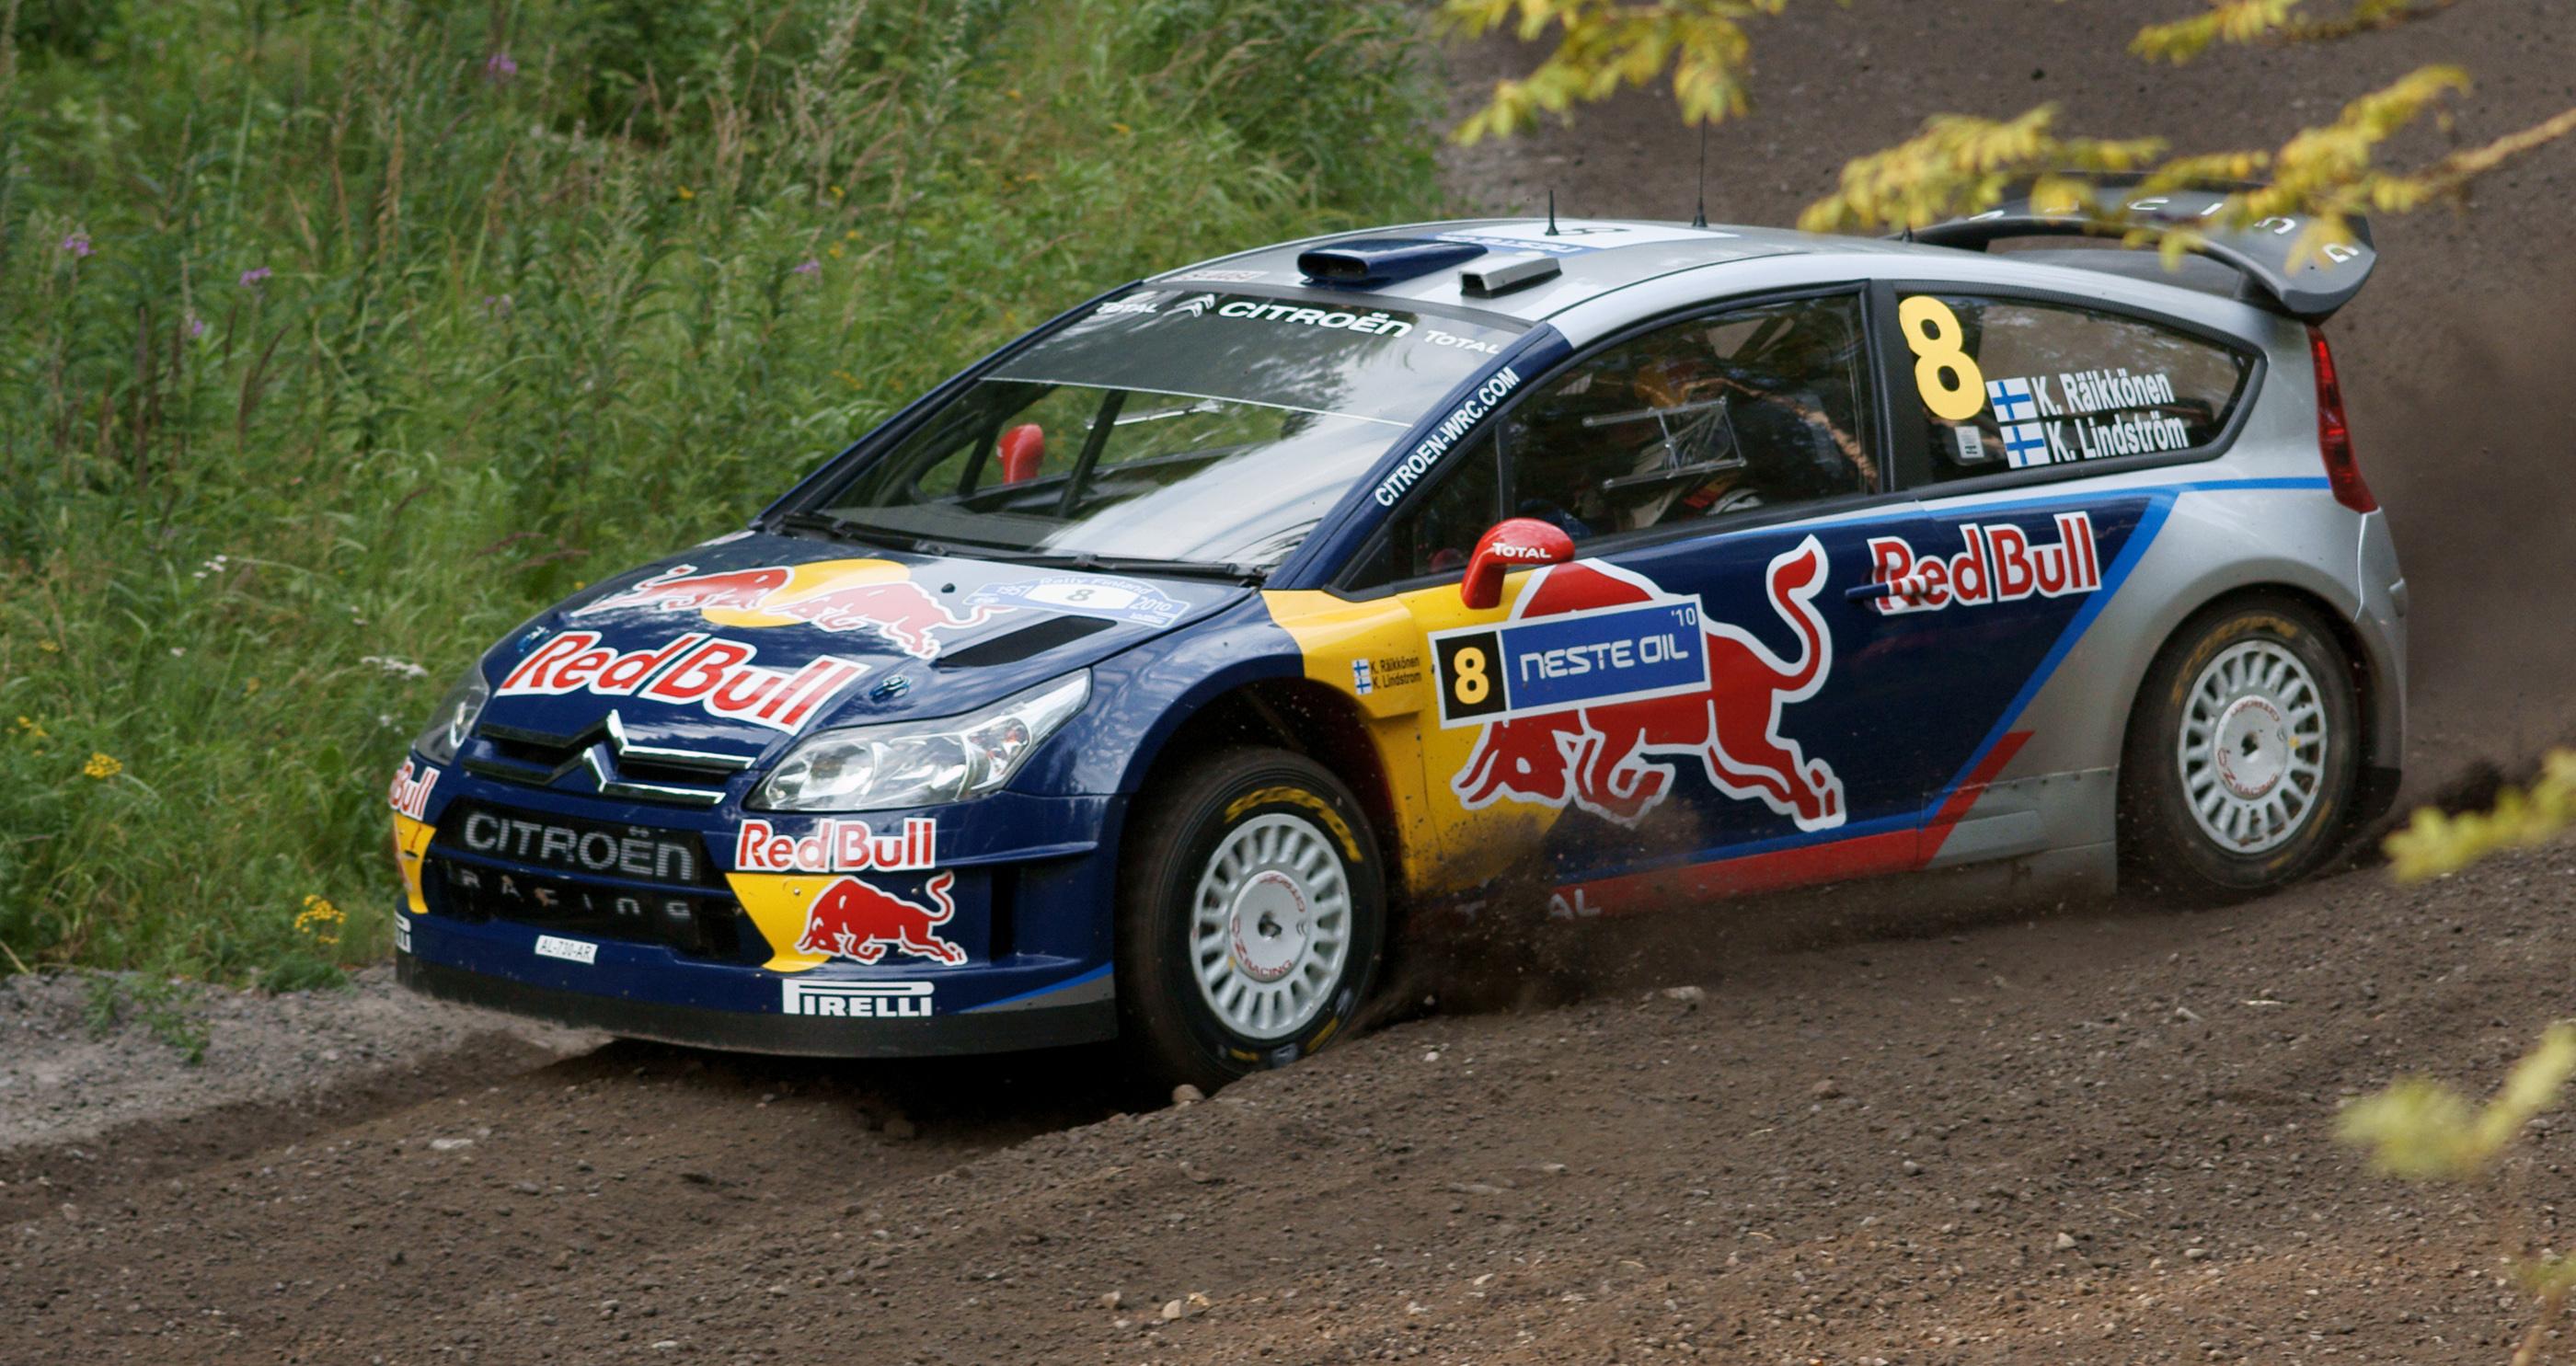 Rally_Finland_2010_-_EK_1_-_Kimi_R%C3%A4ikk%C3%B6nen.jpg